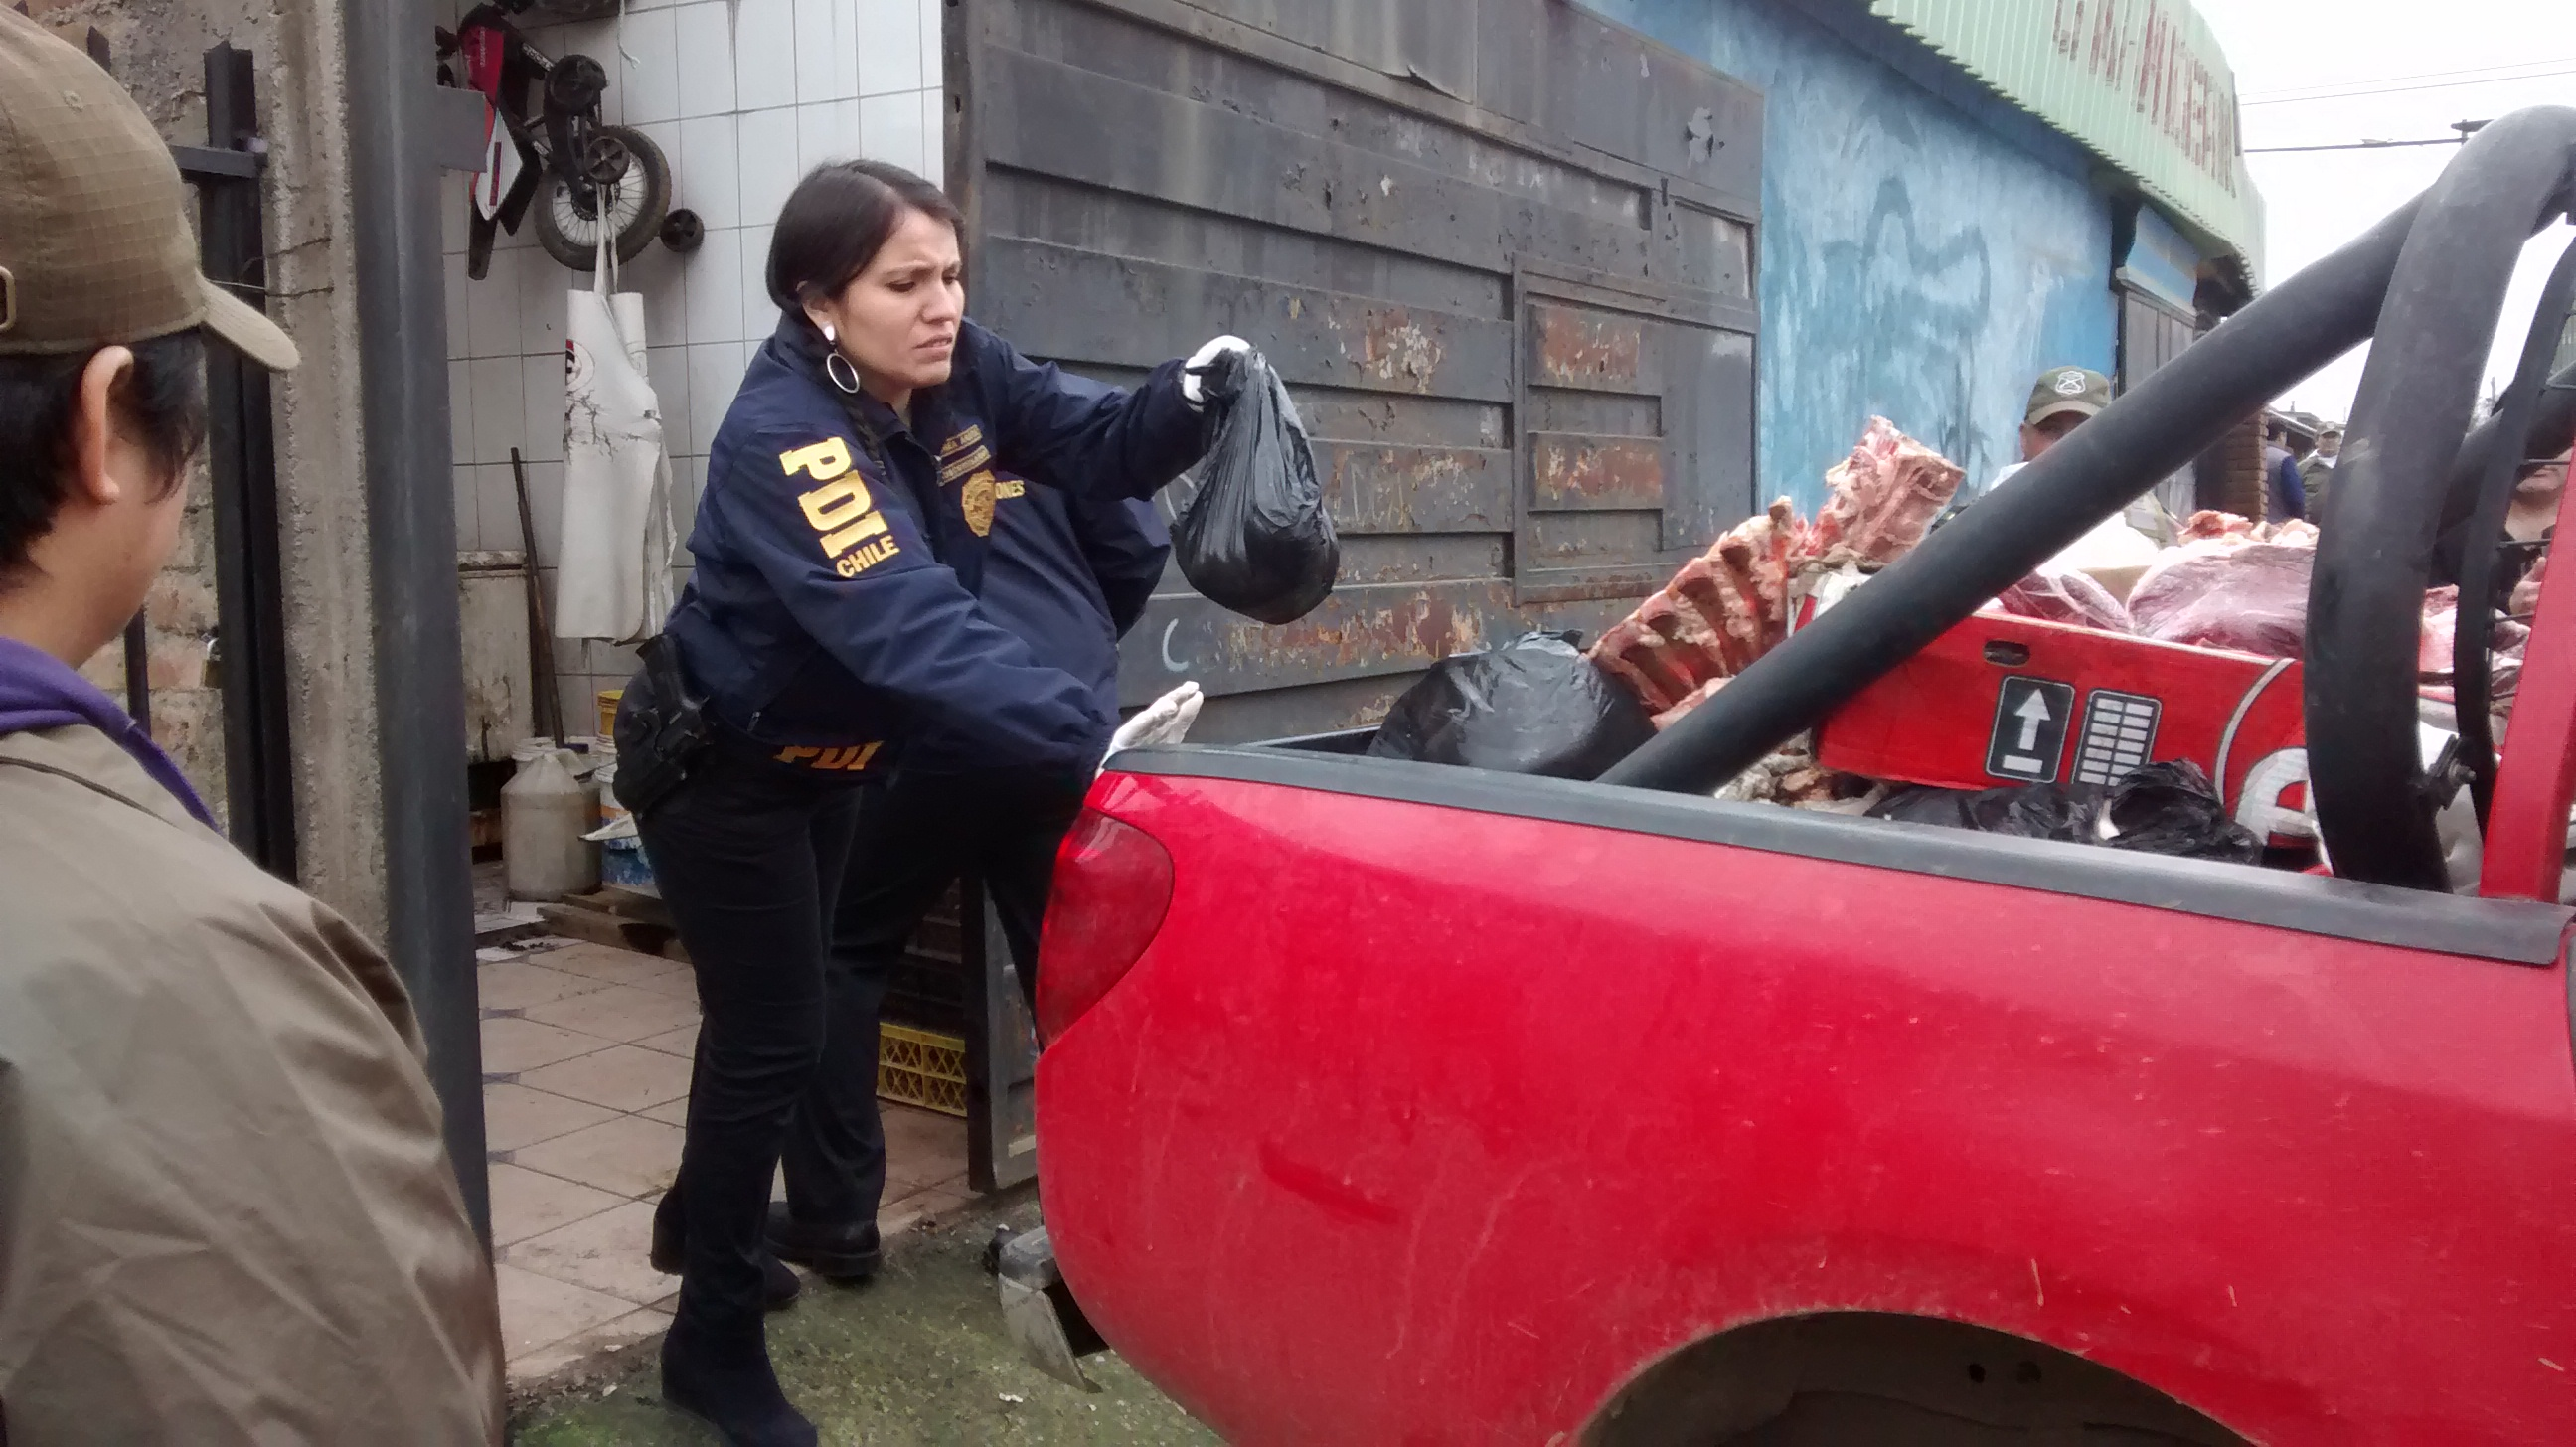 Más de 250 kilos de carne en mal estado fueron incautados desde carnicería en Talca